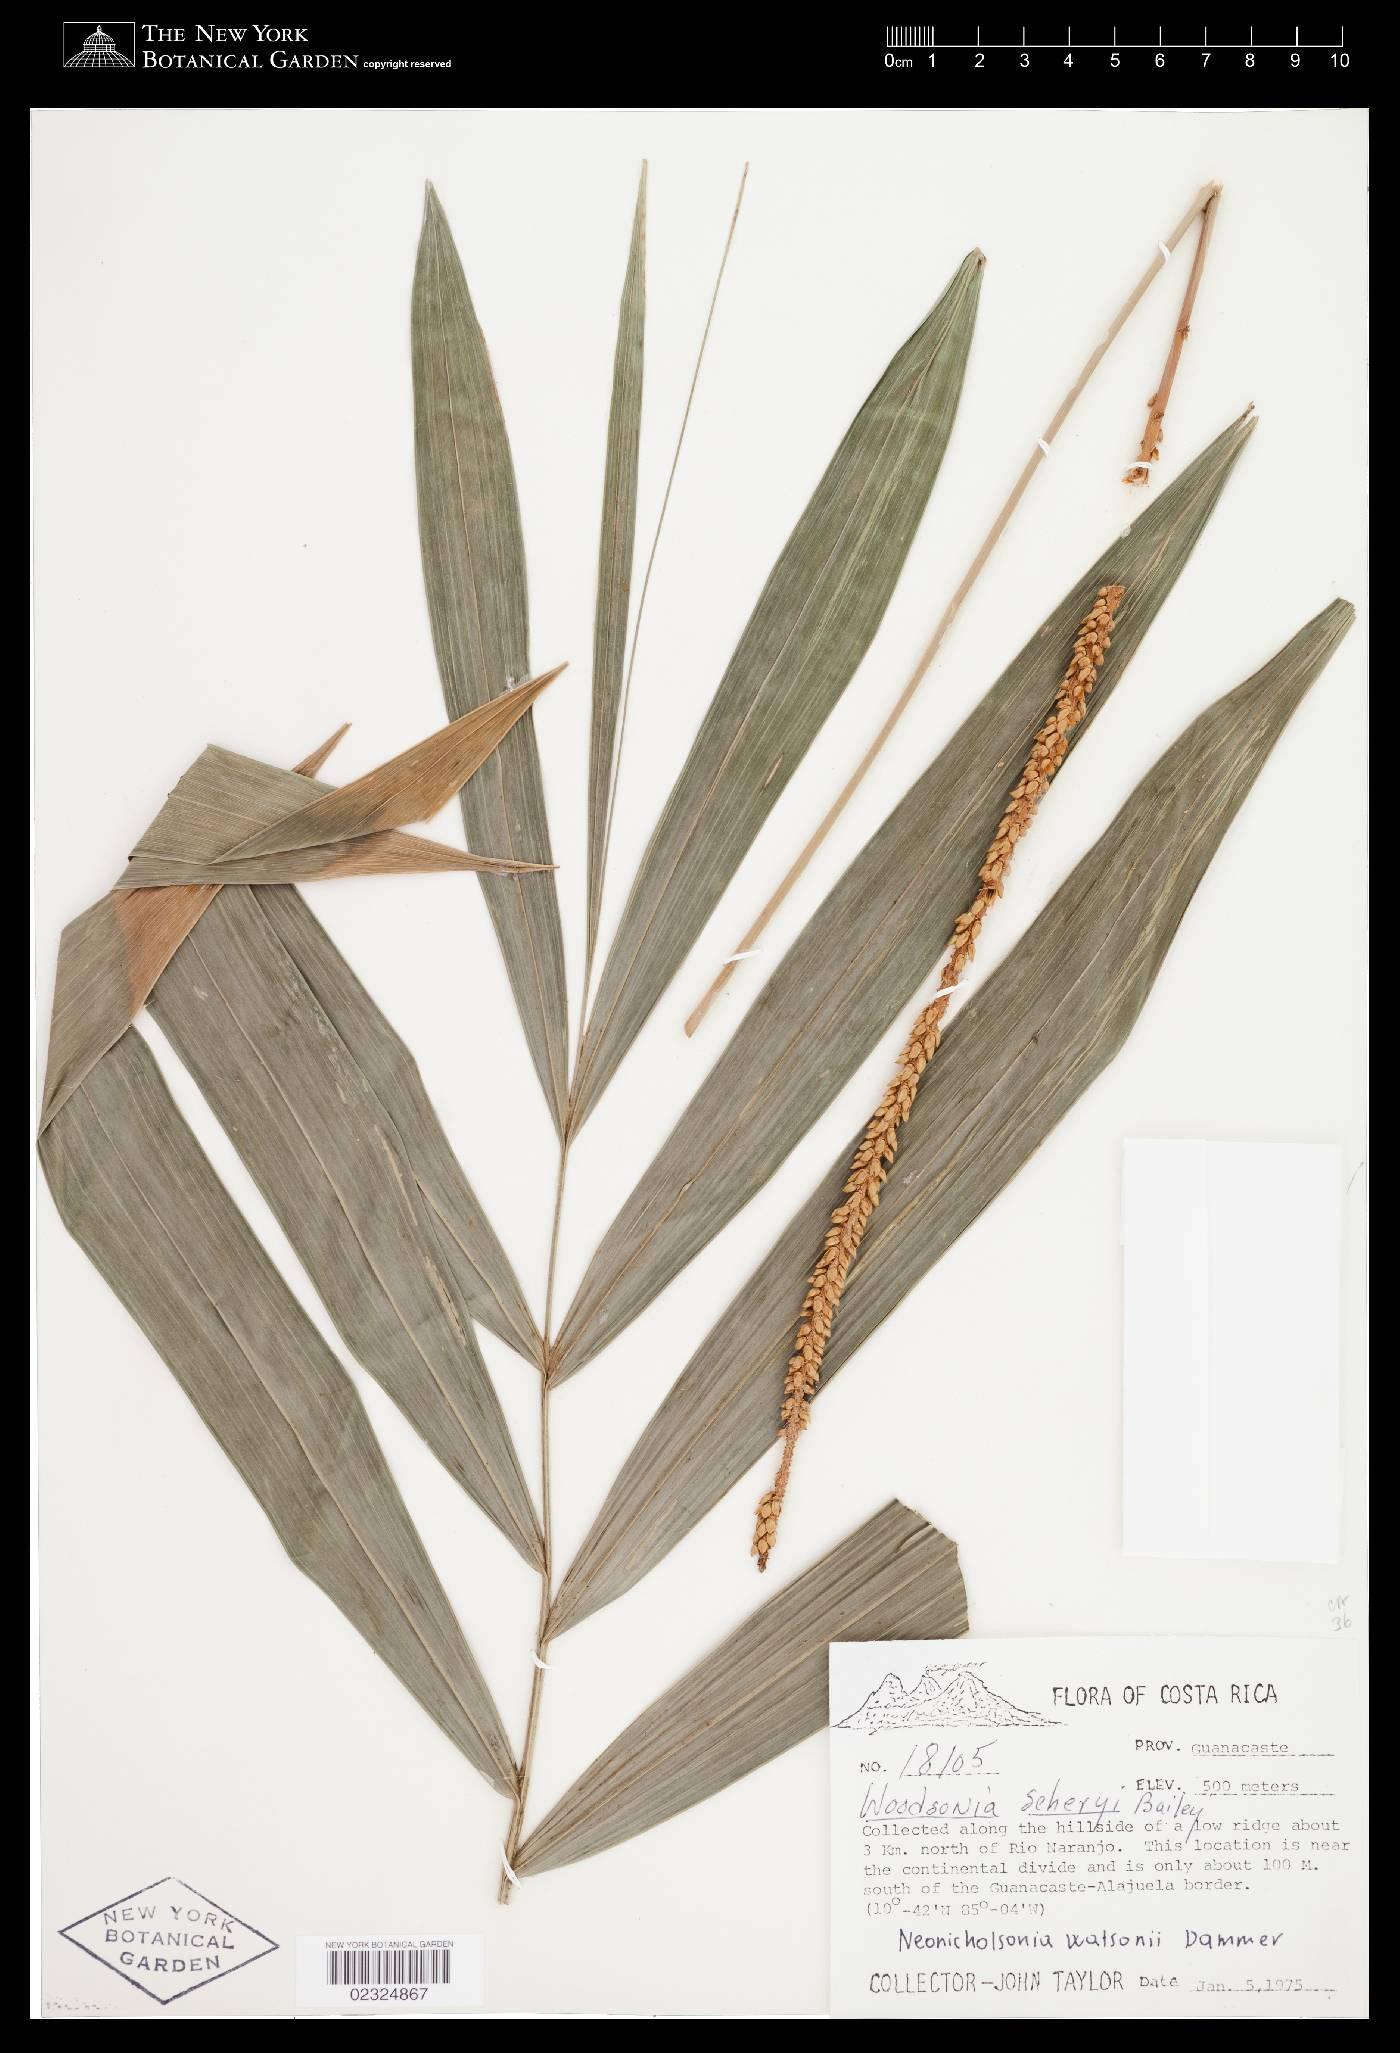 Neonicholsonia watsonii image